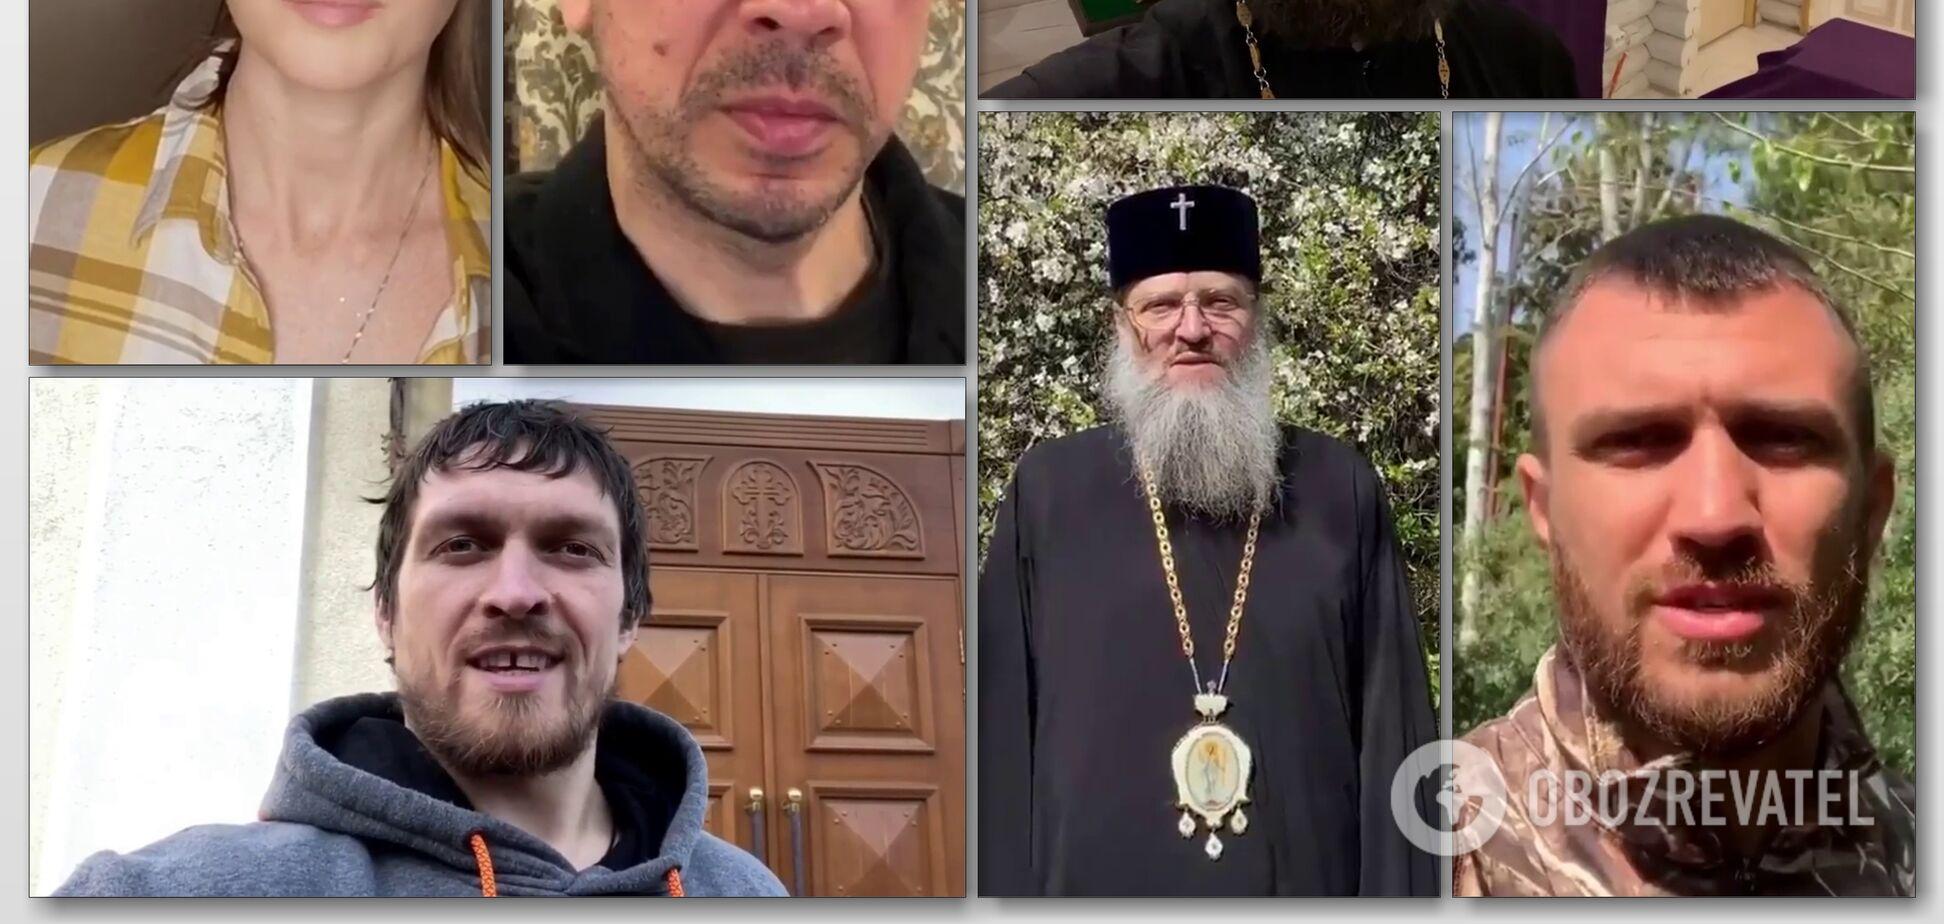 Усик і Ломаченко привітали Україну відео з російськими акторами і священиками